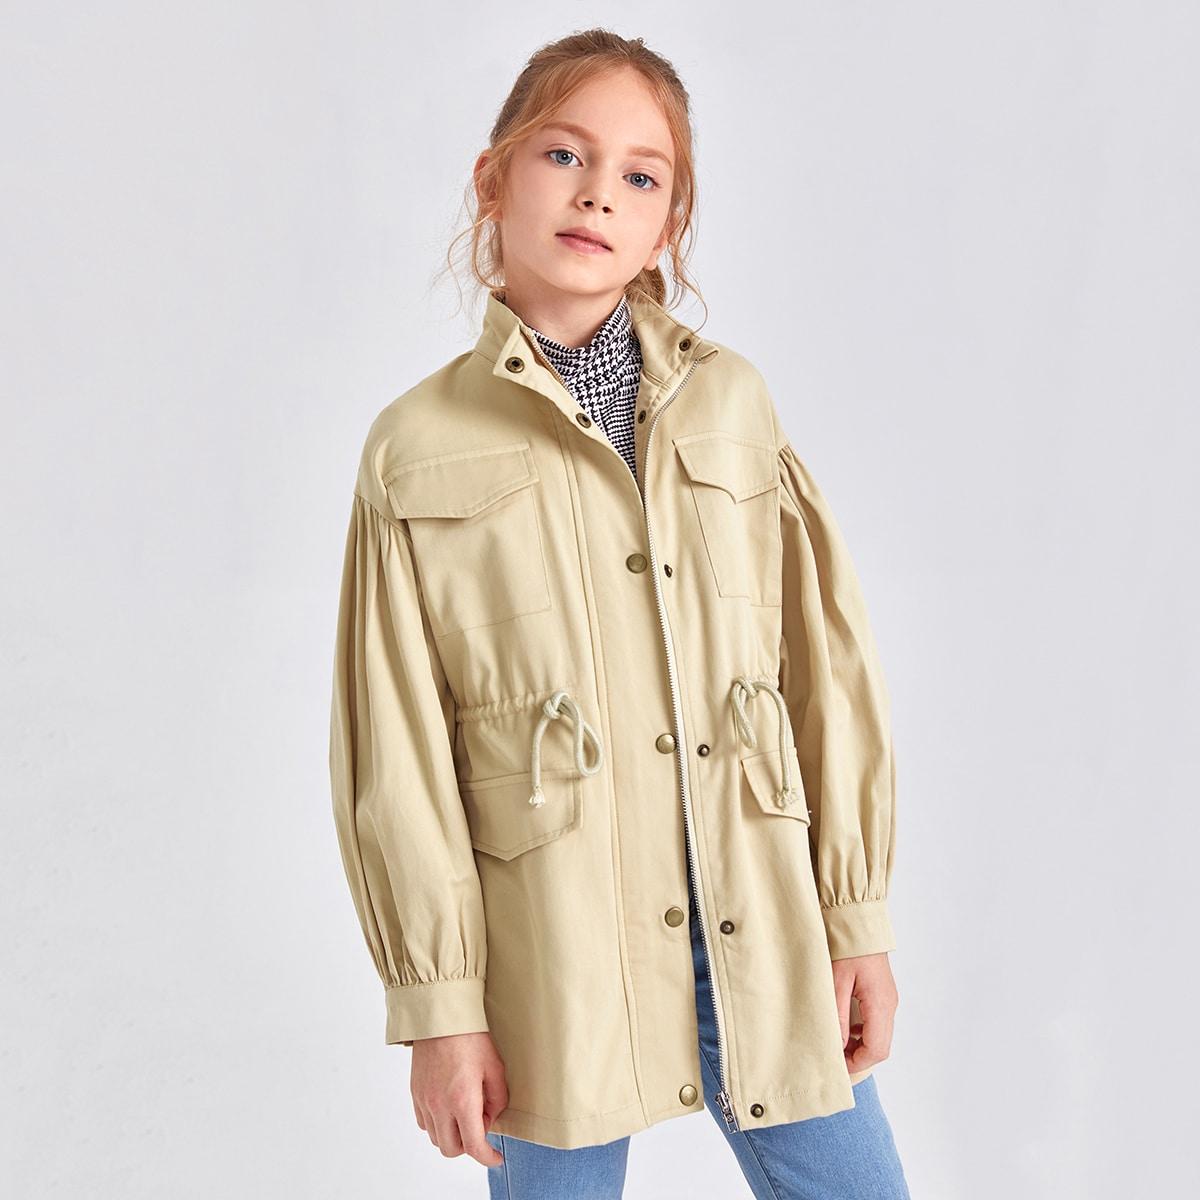 Mantel mit Taschen Klappe voroen und Schnürung-Taille